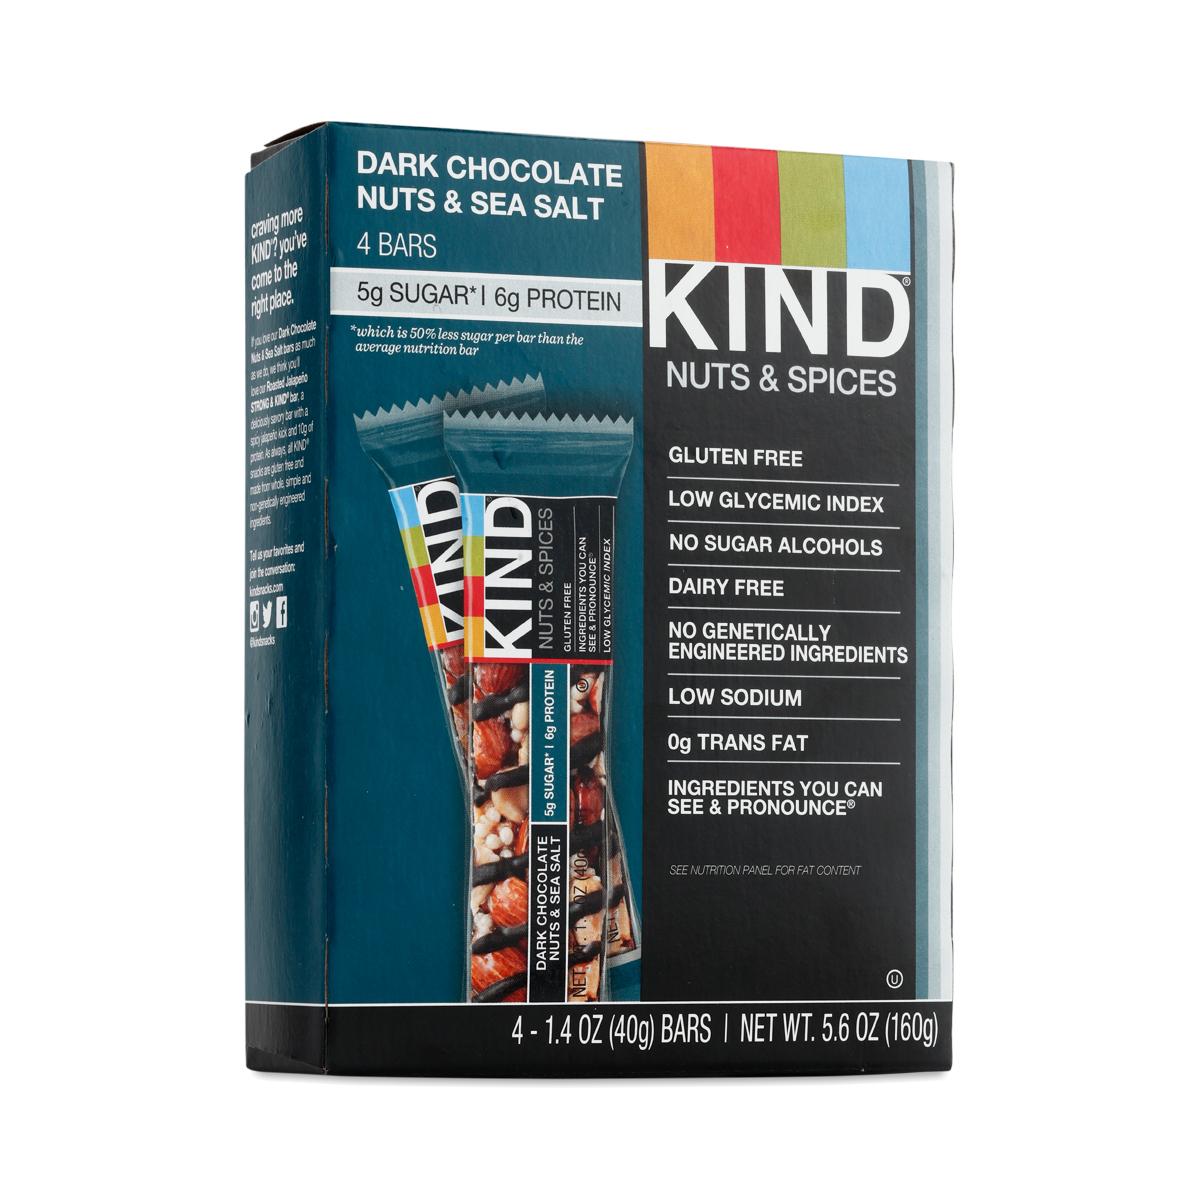 KIND Dark Chocolate Nuts & Sea Salt